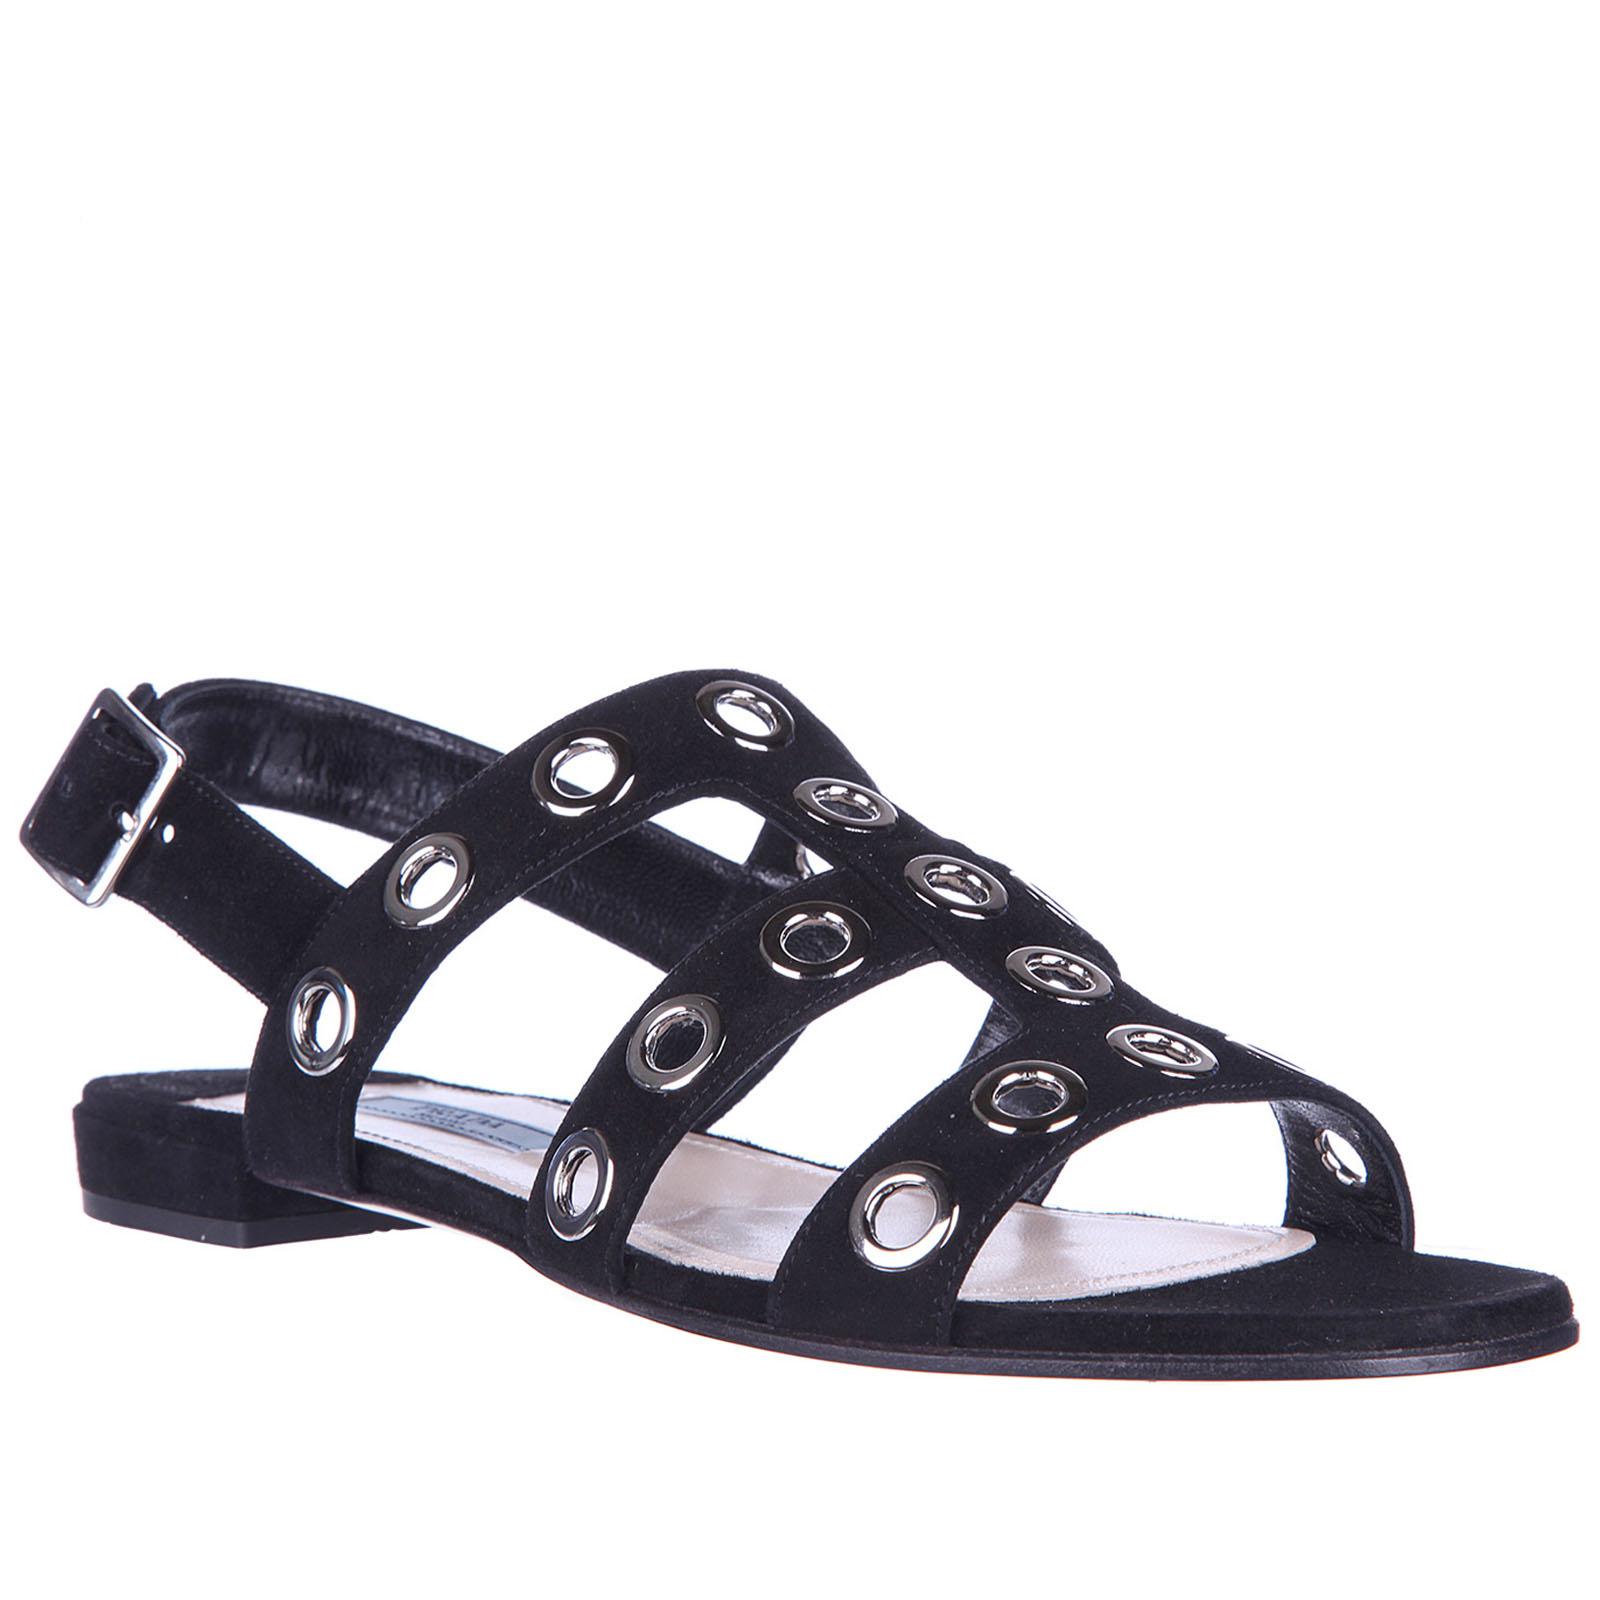 Damen wildleder sandalen sandaletten